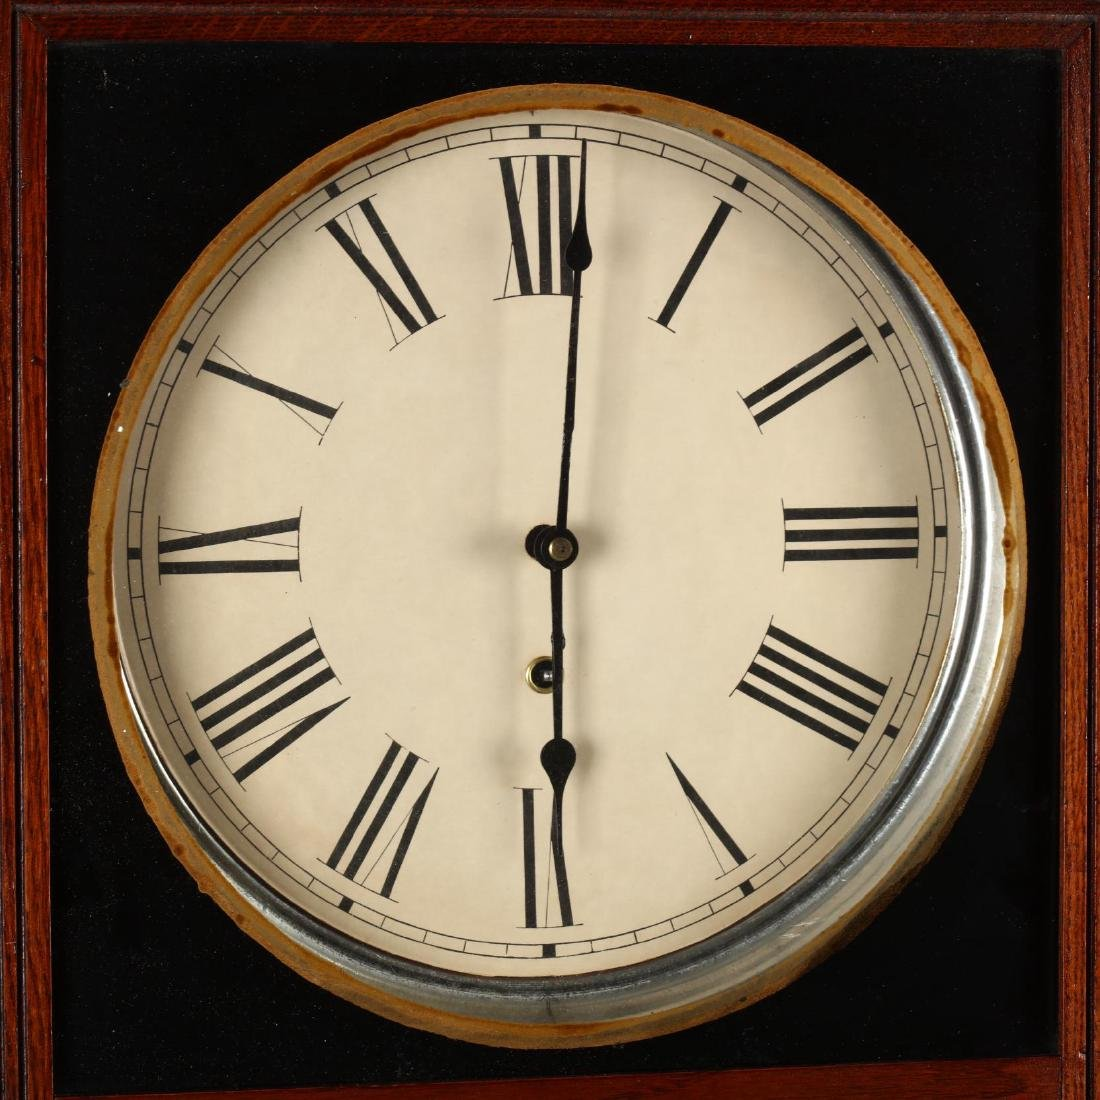 Vintage Regulator Wall Clock - 2